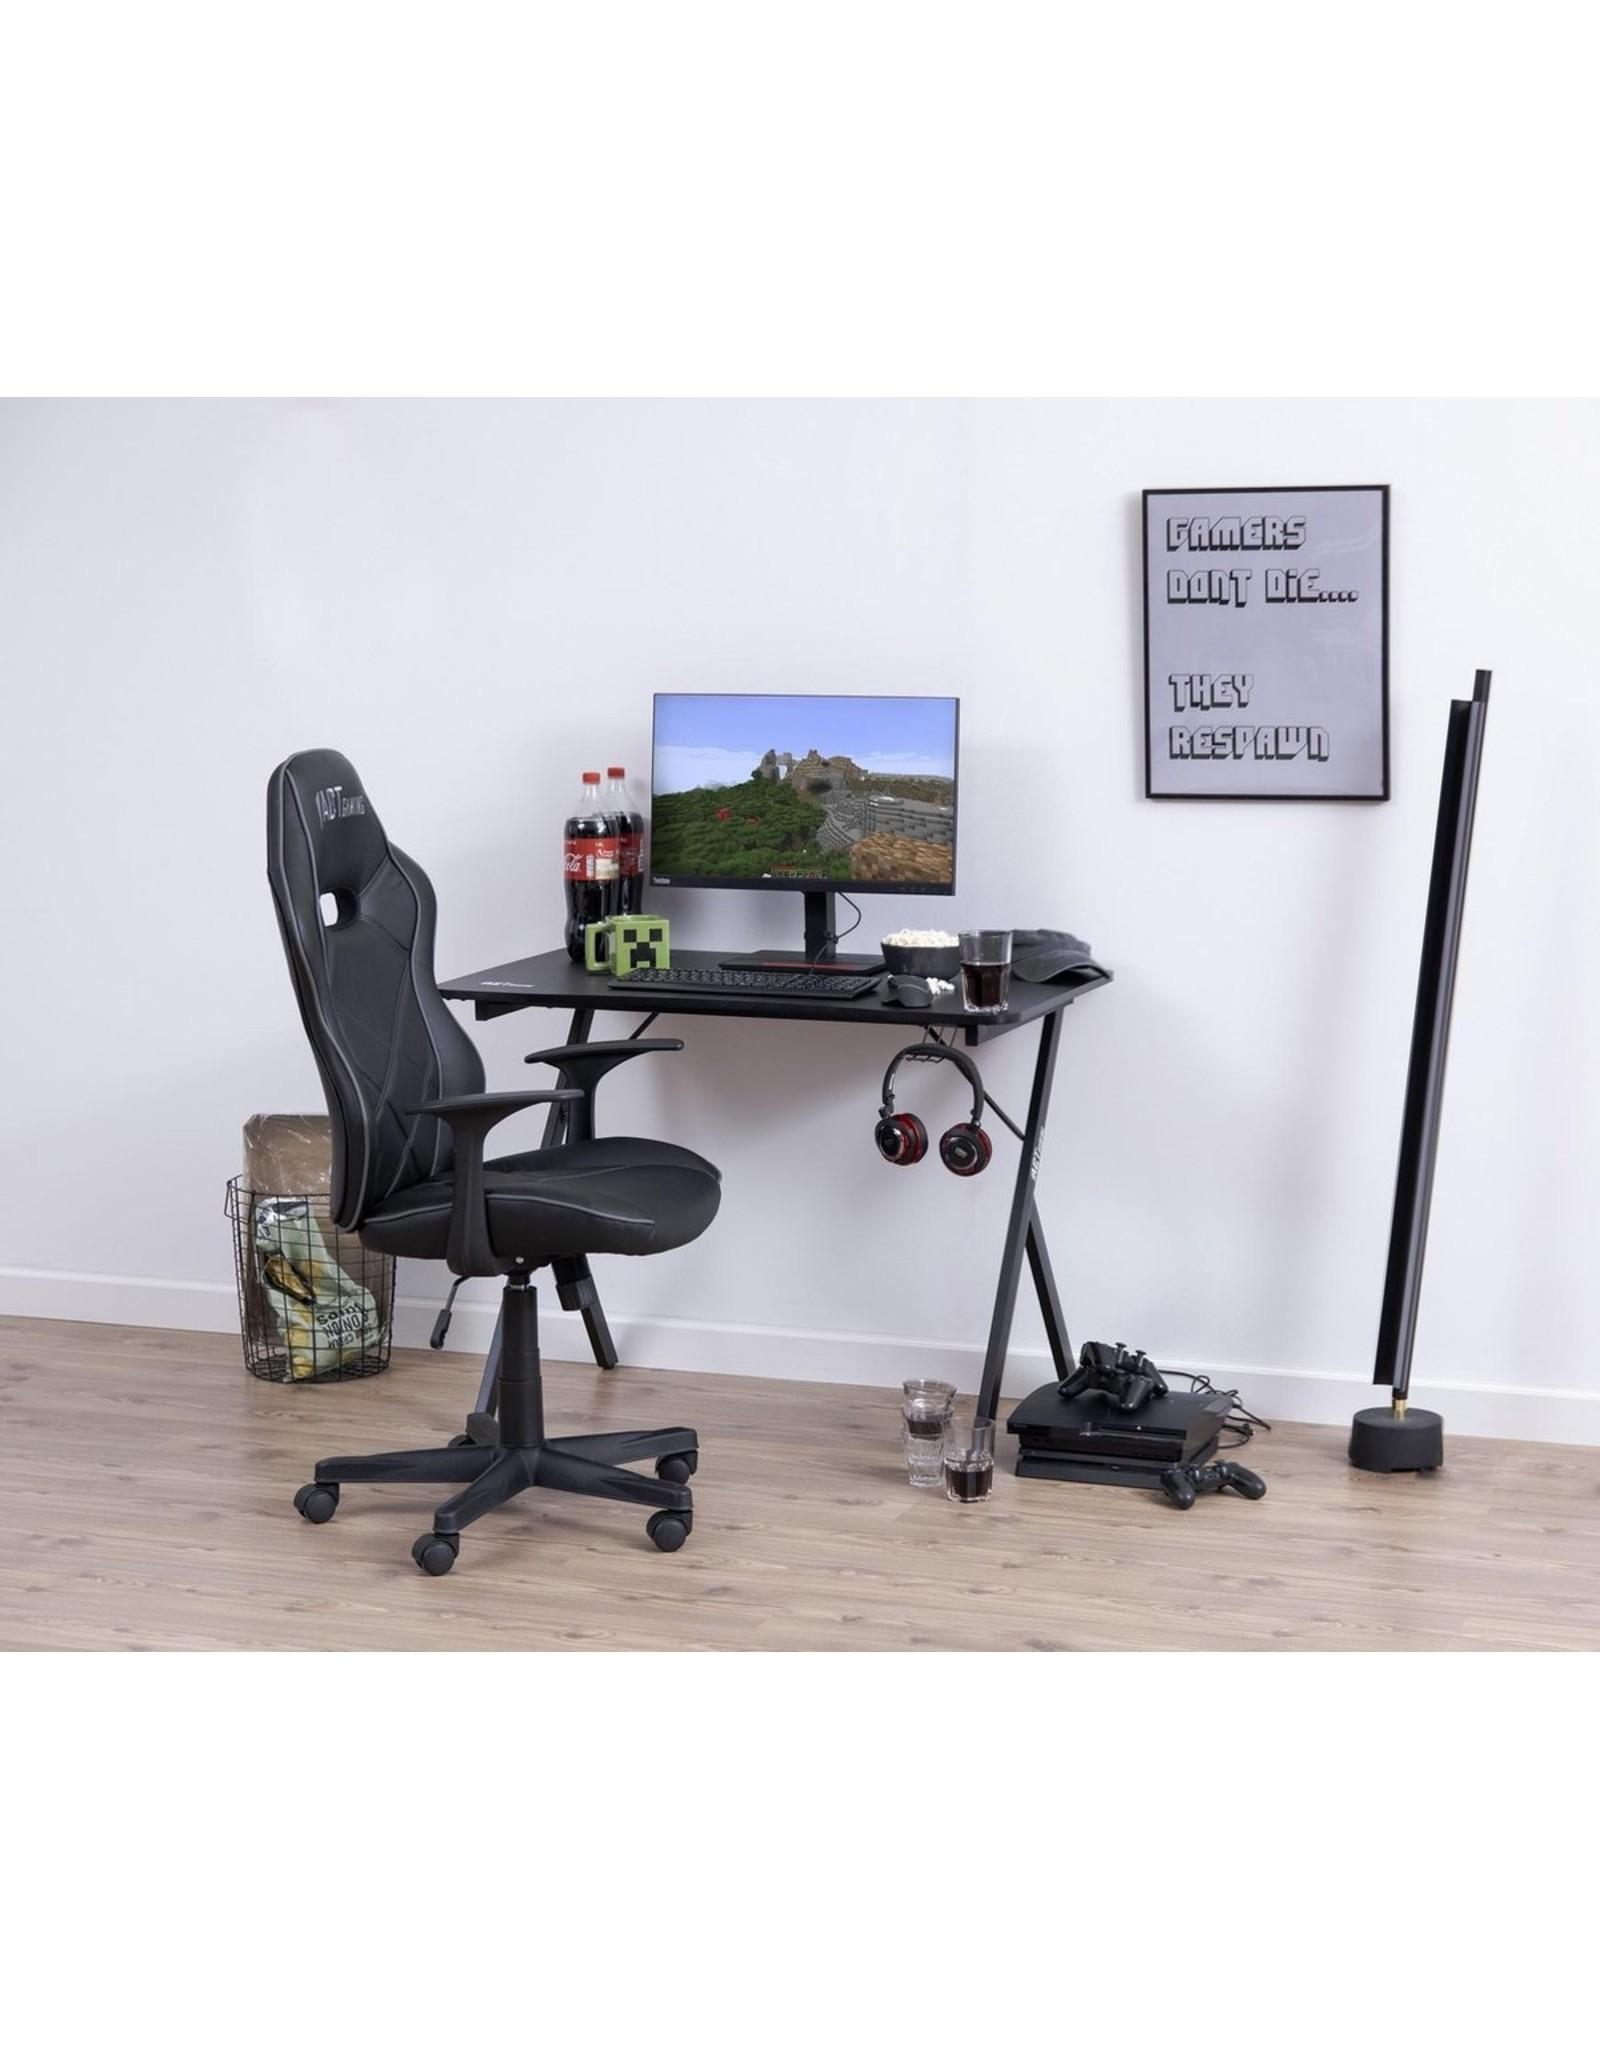 Parya Home Parya Home - Gaming Bureau - Metaal - Inclusief Bekerhouder & Headset Standaard - Krasbestendig - Zwart